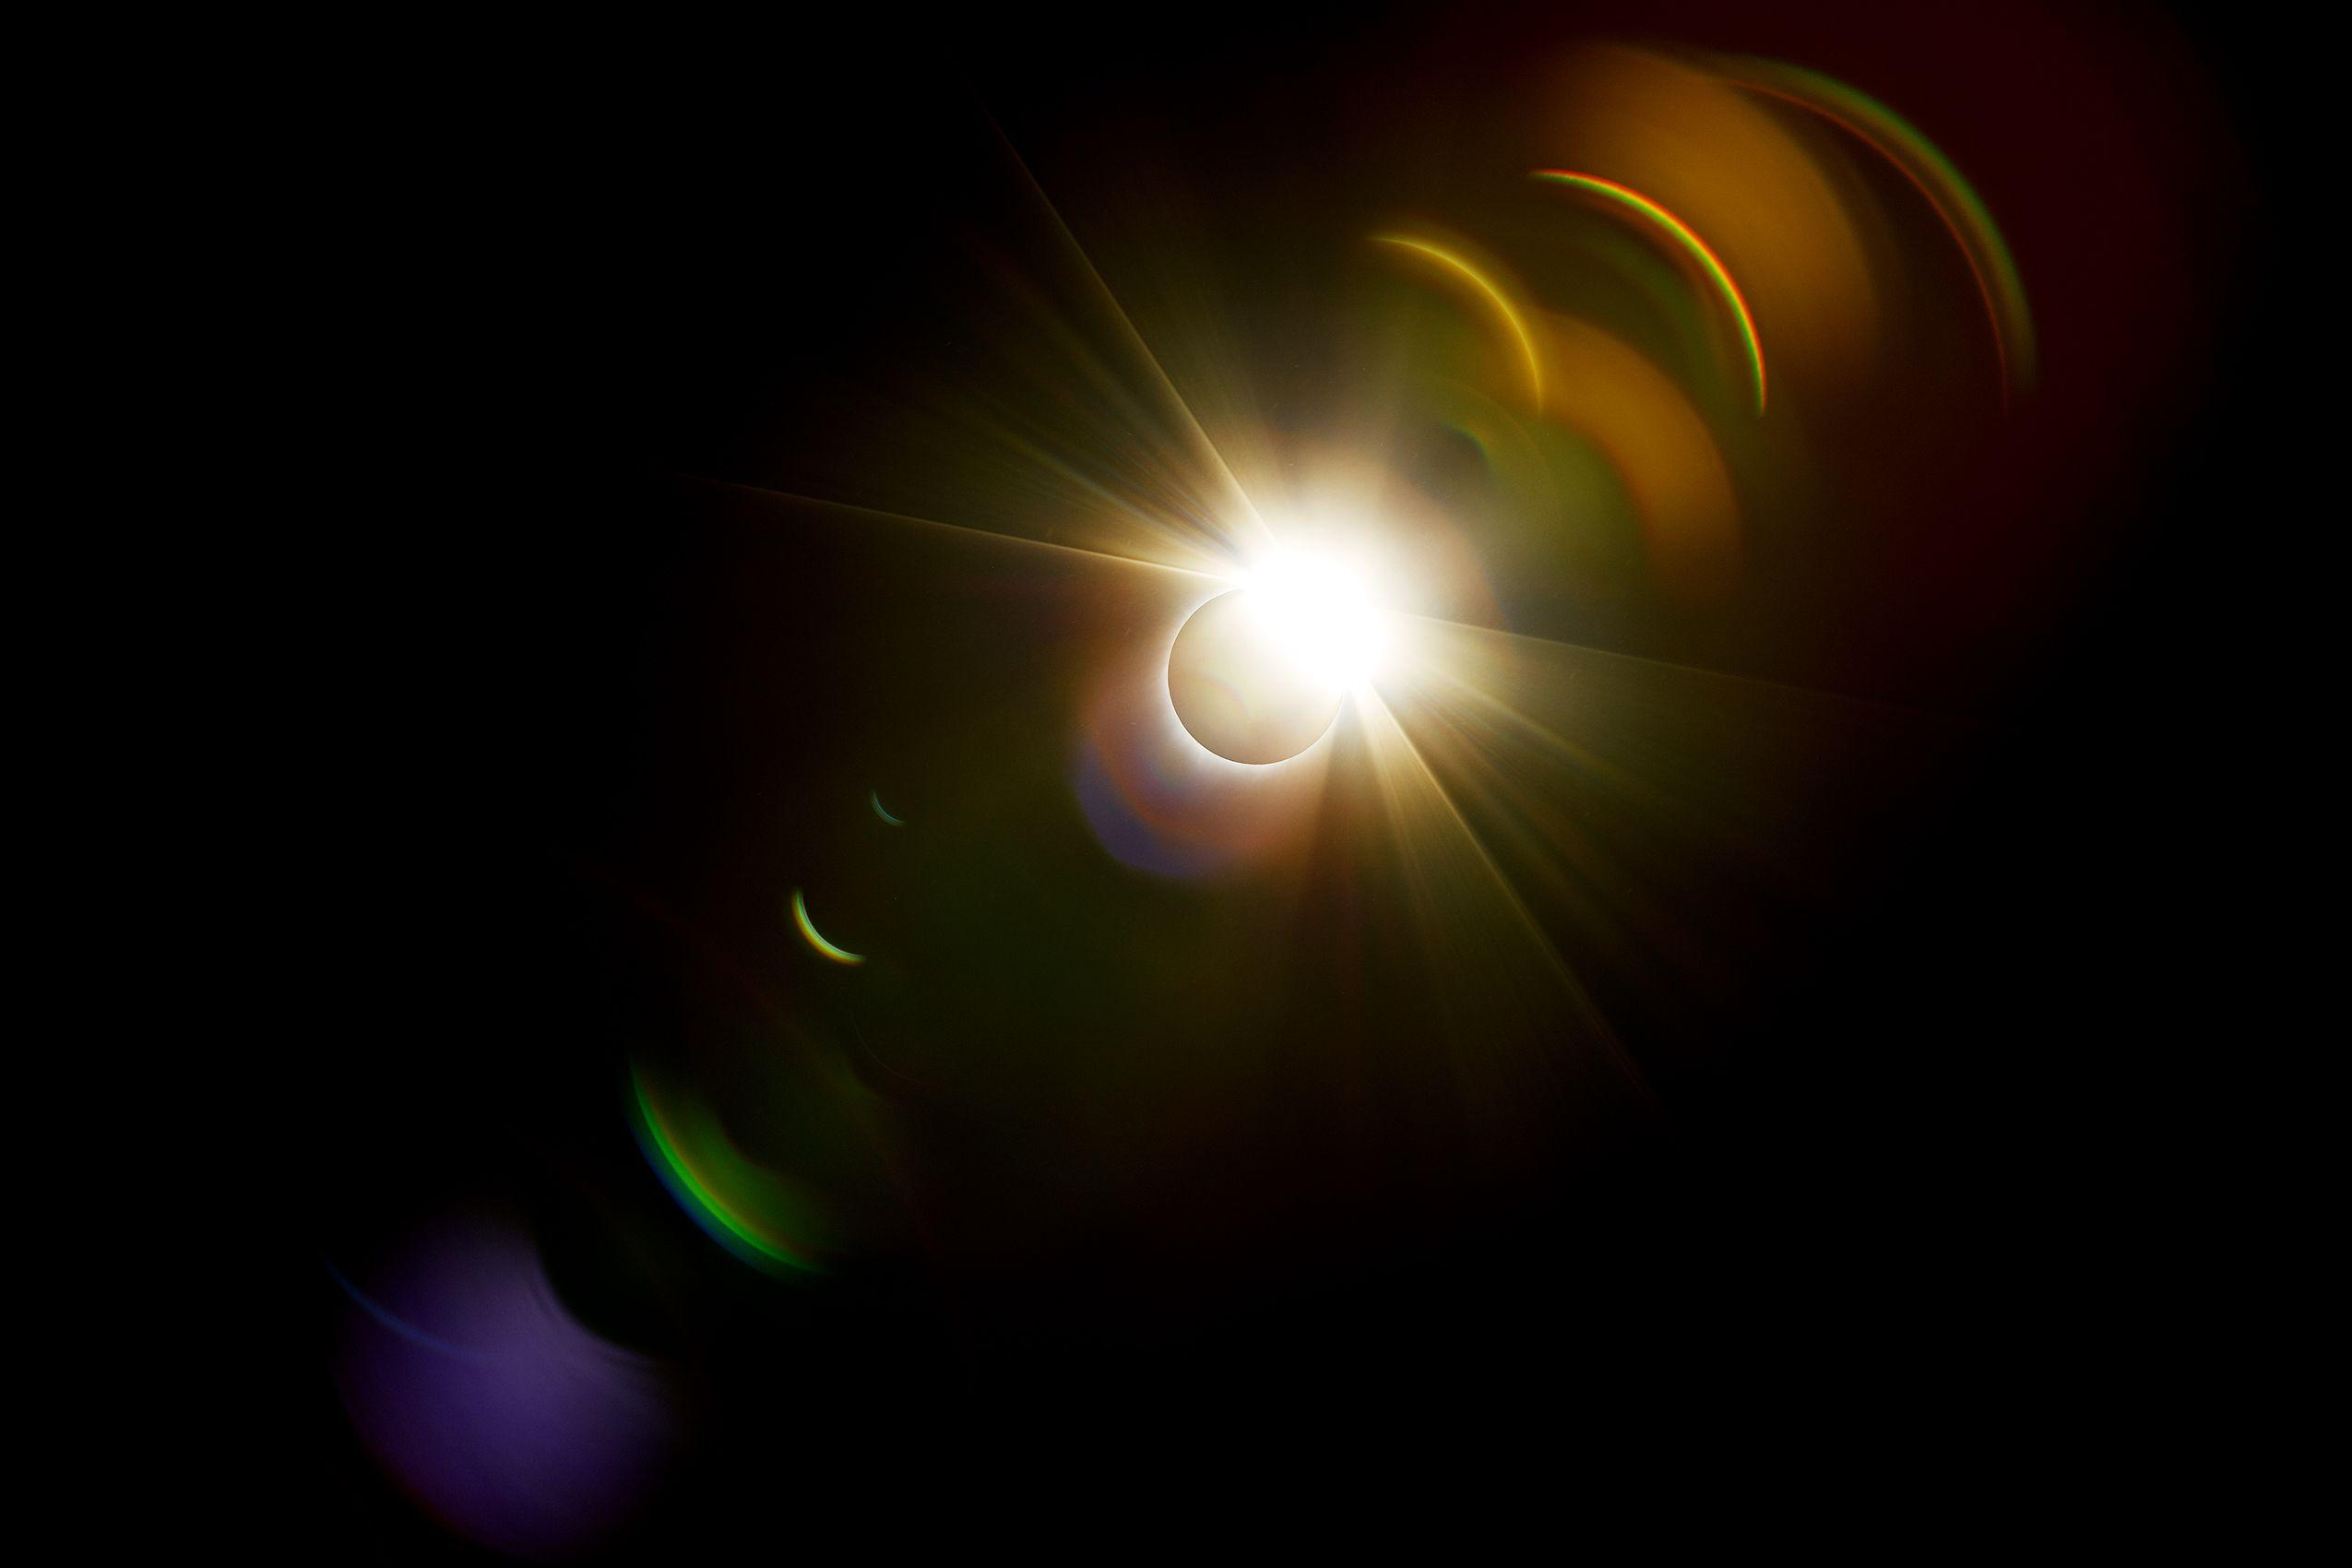 Eclipse-0588.jpg